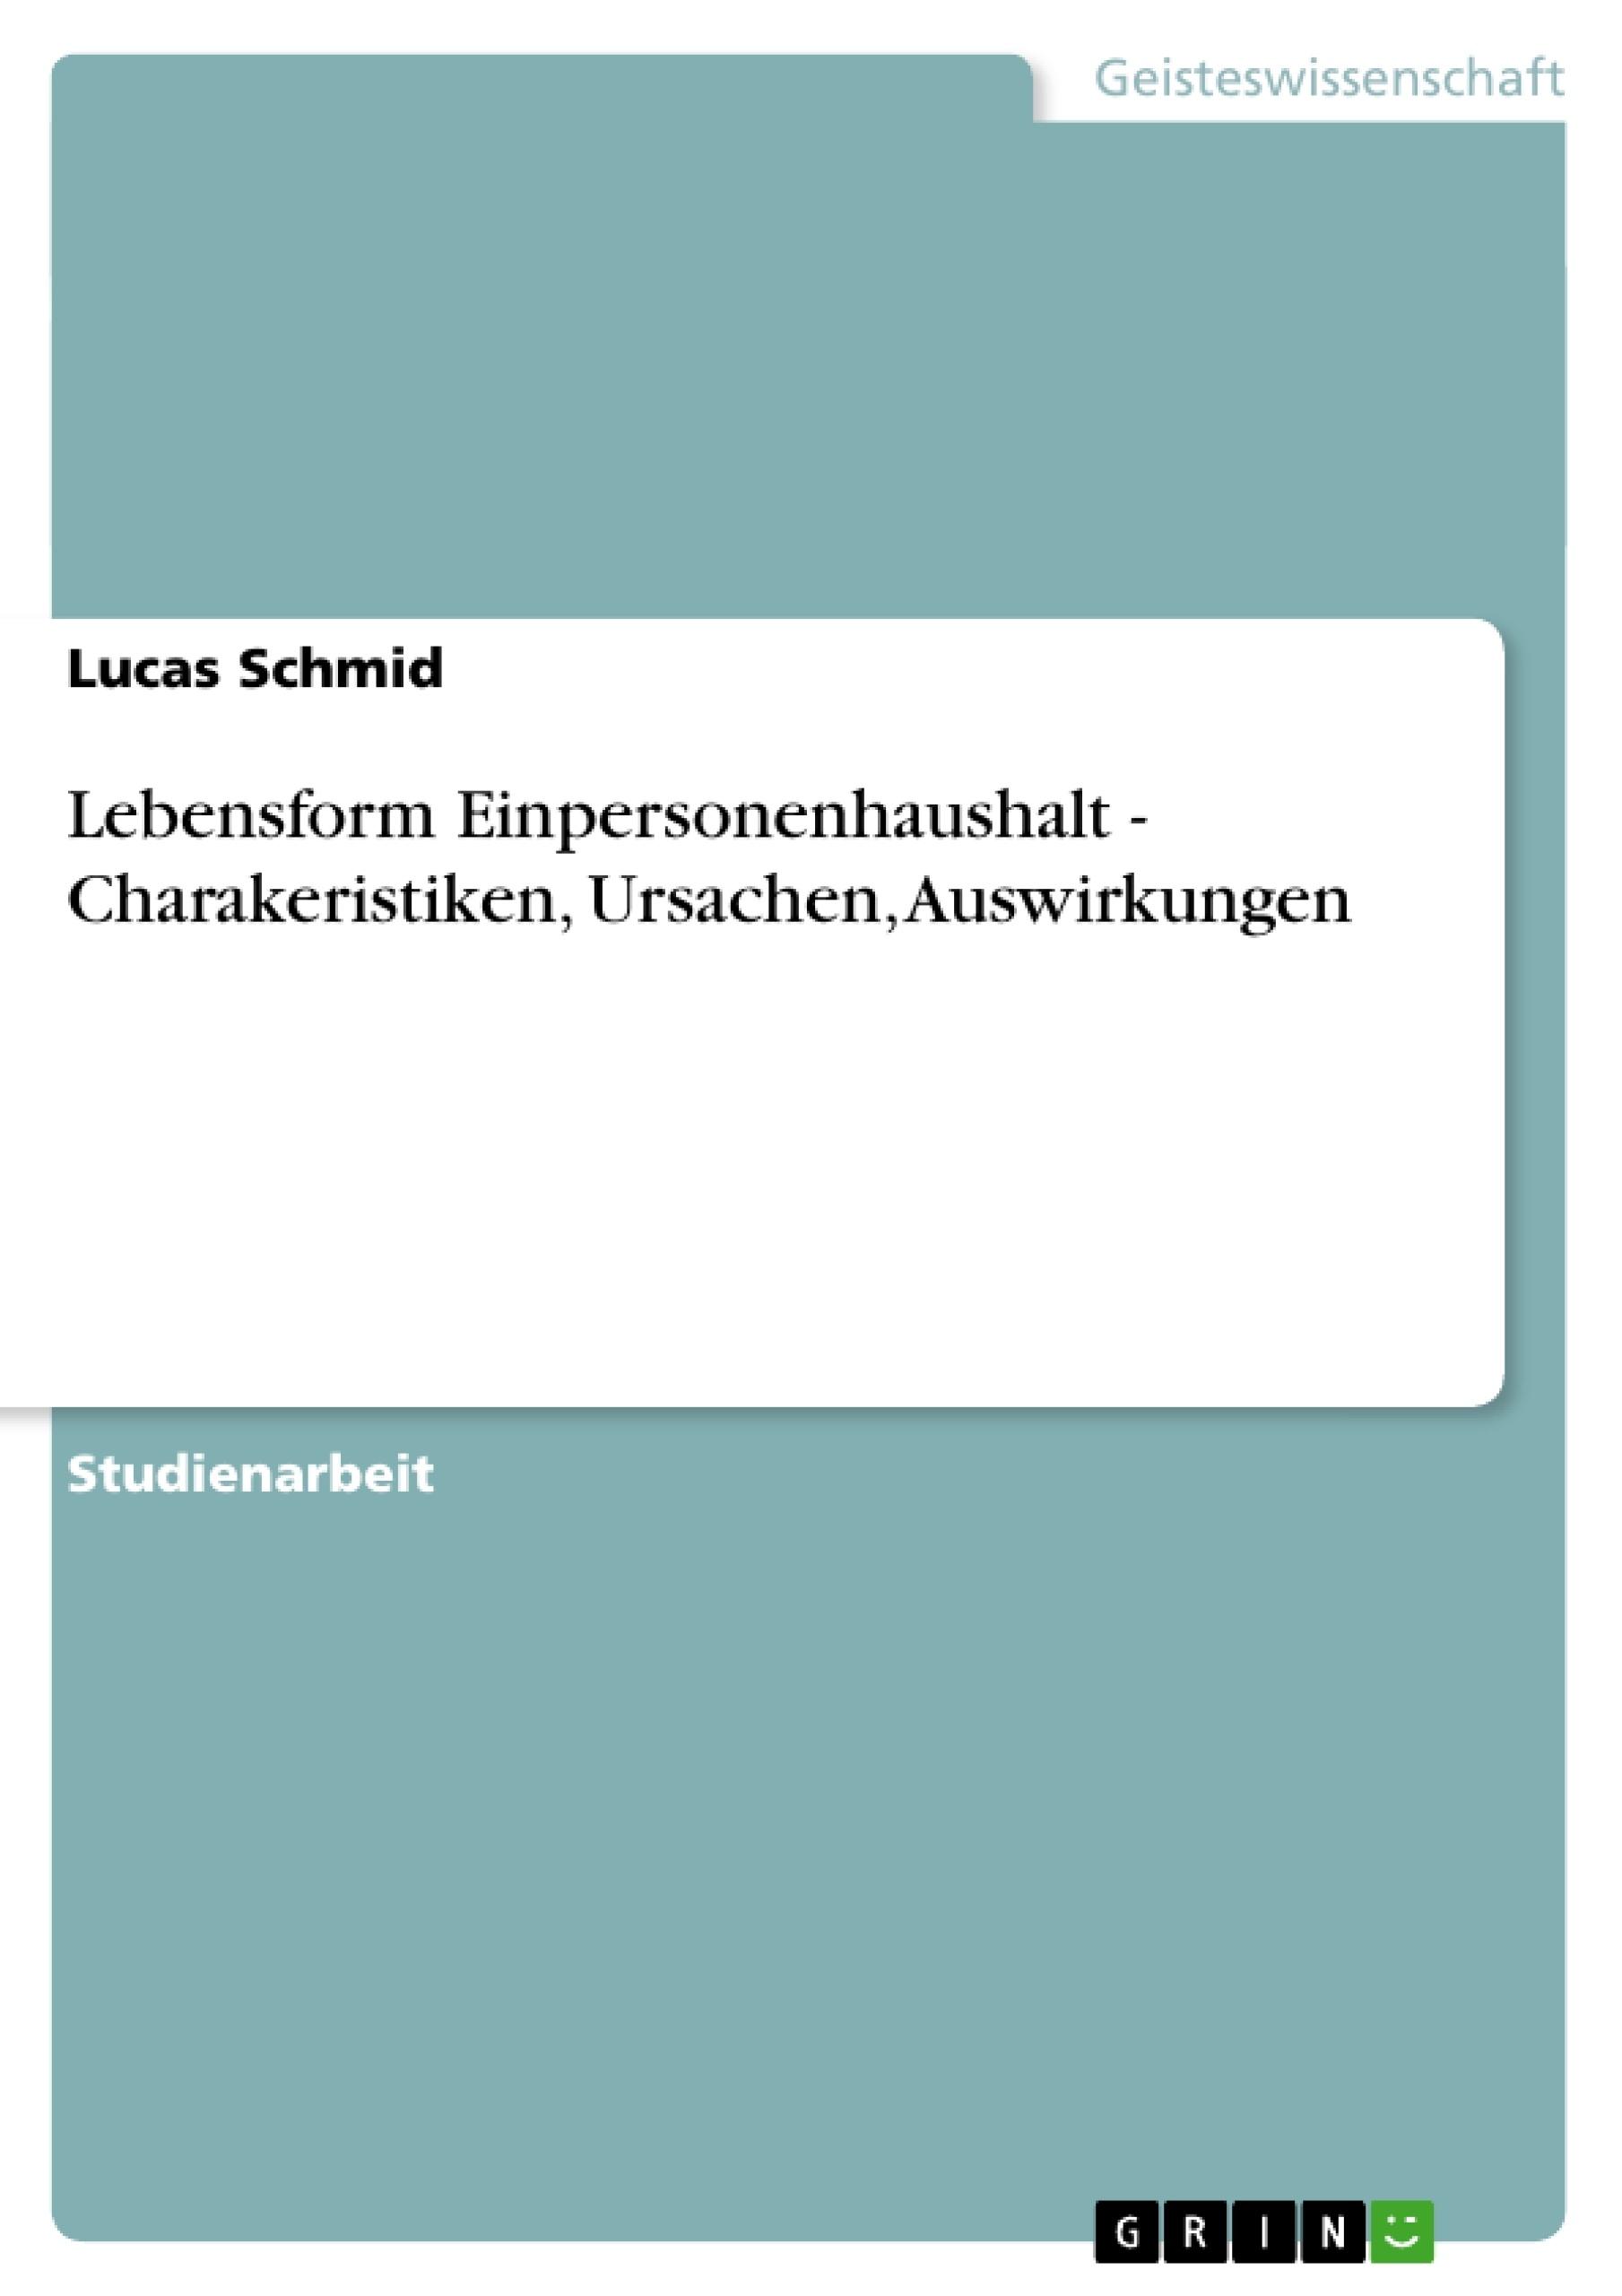 Titel: Lebensform Einpersonenhaushalt - Charakeristiken, Ursachen, Auswirkungen